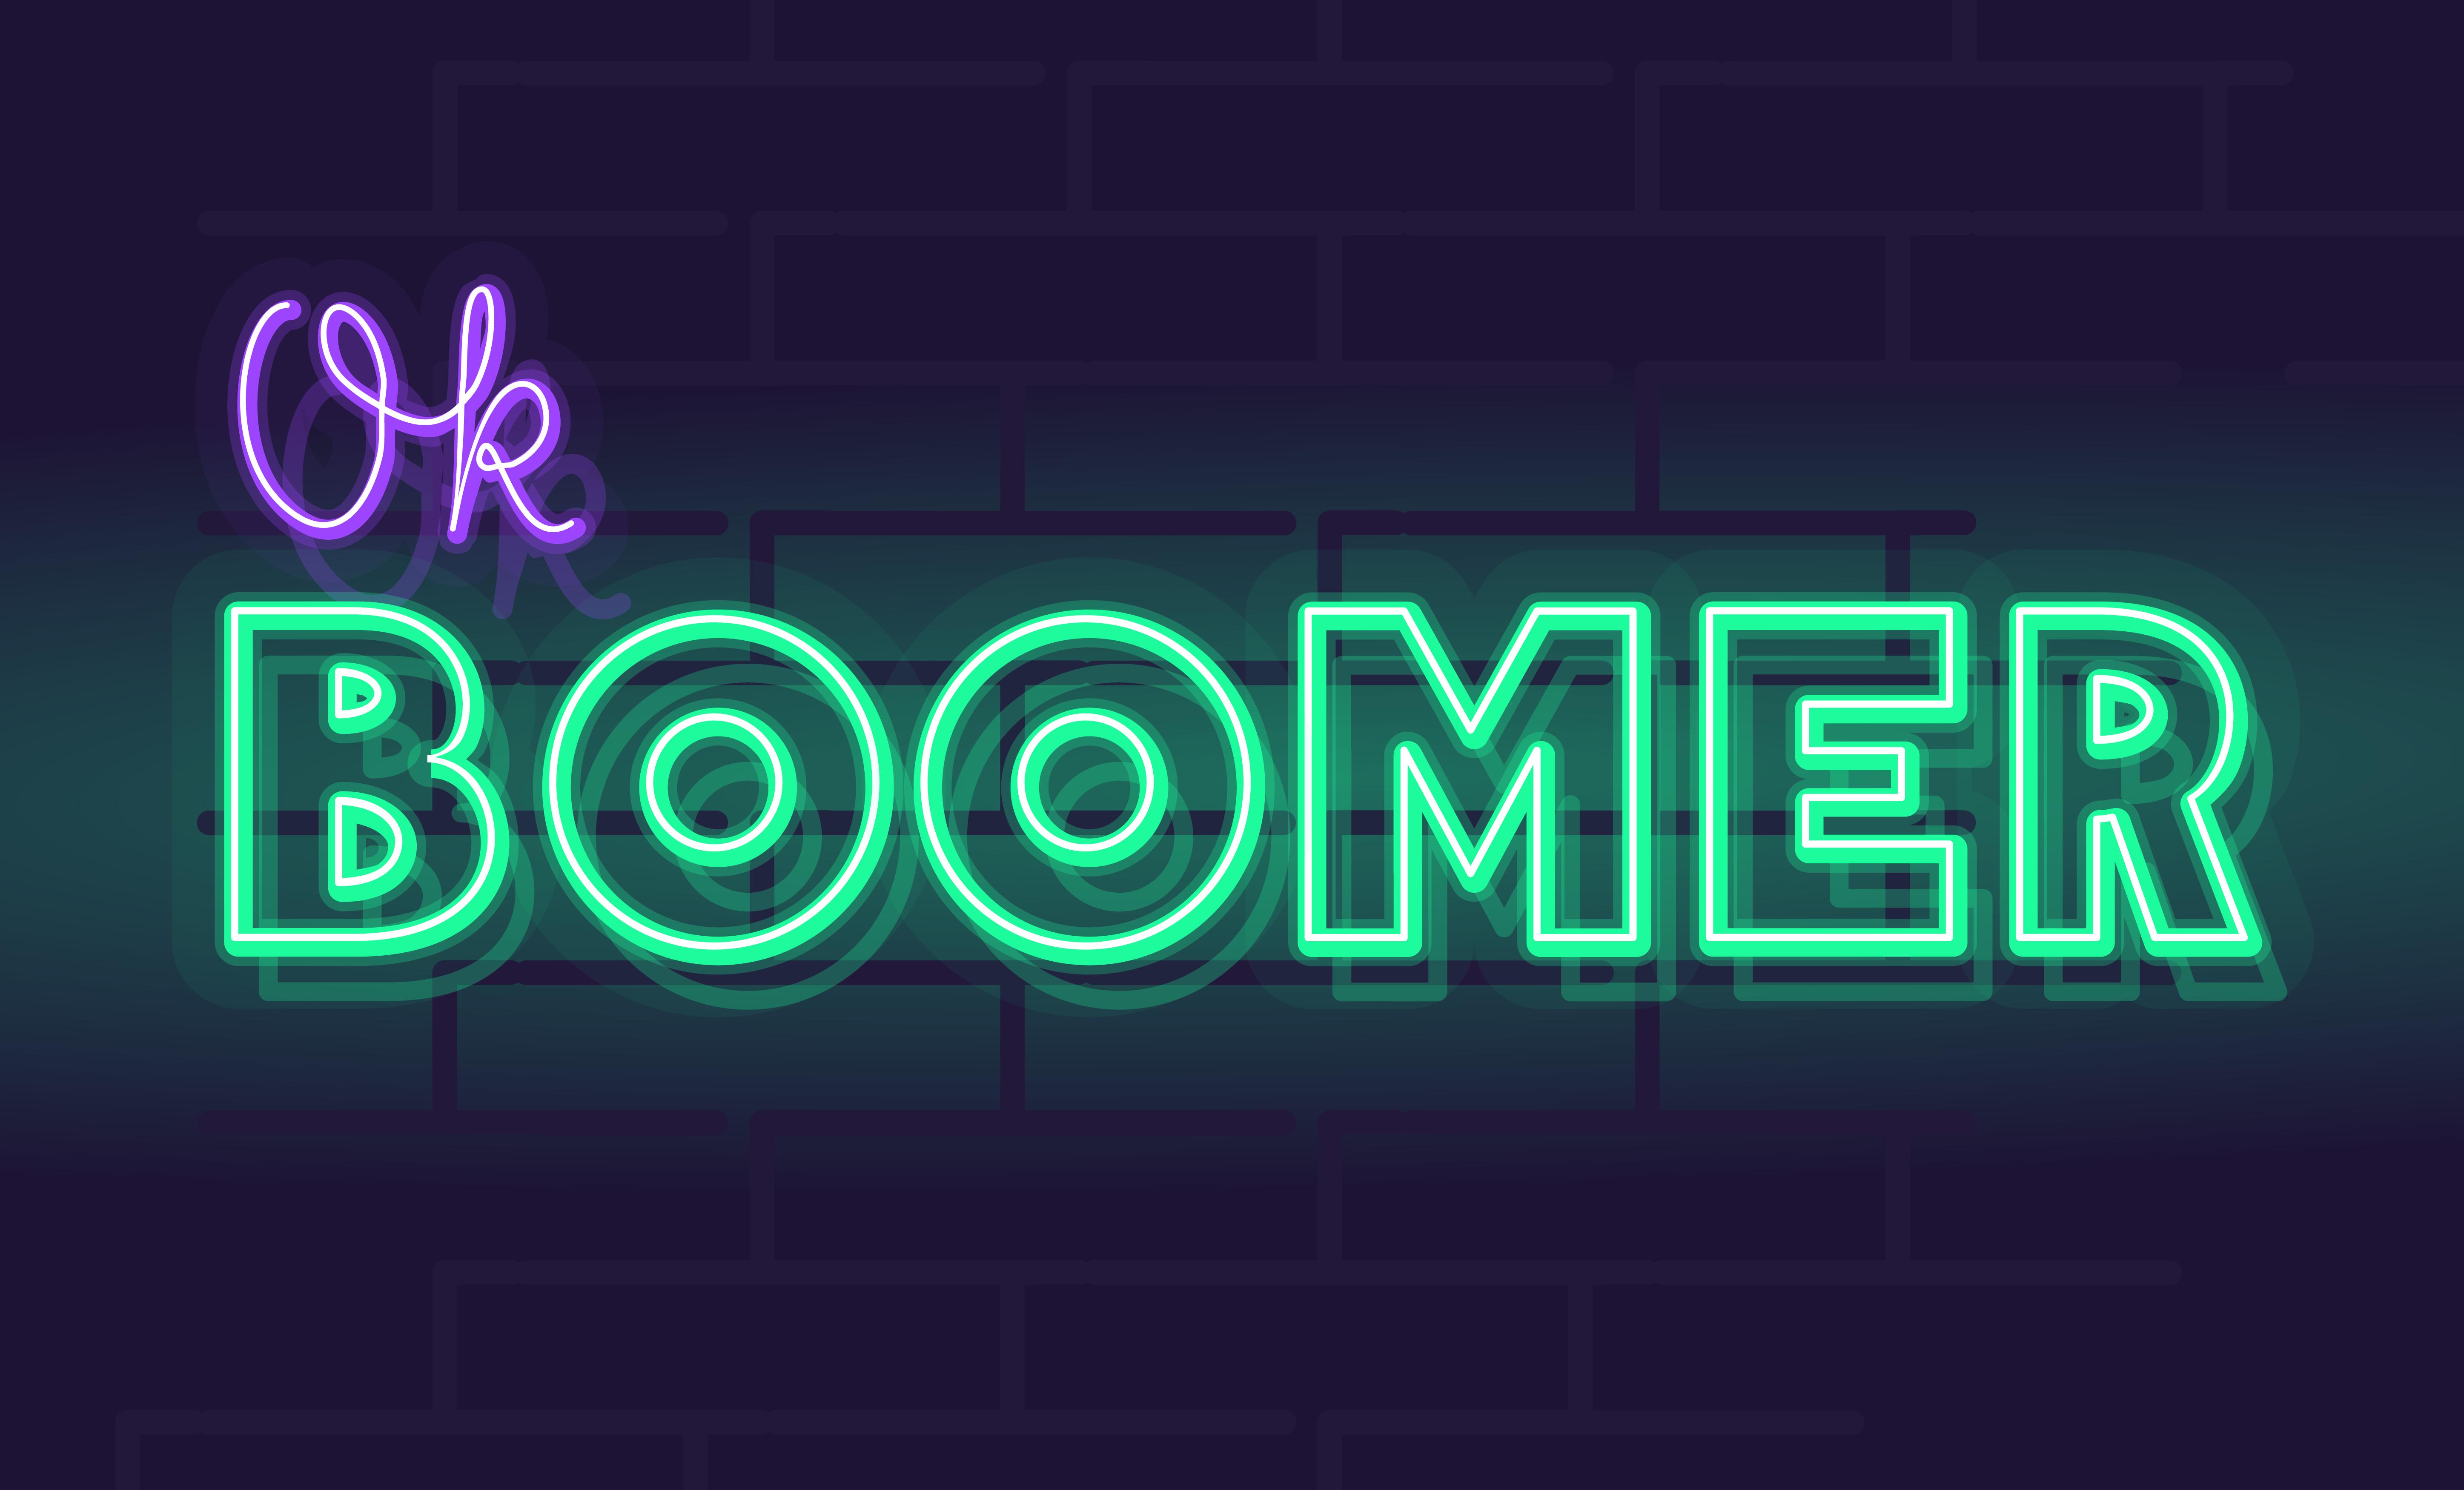 OK Boomer – How do brands reach Gen Z?